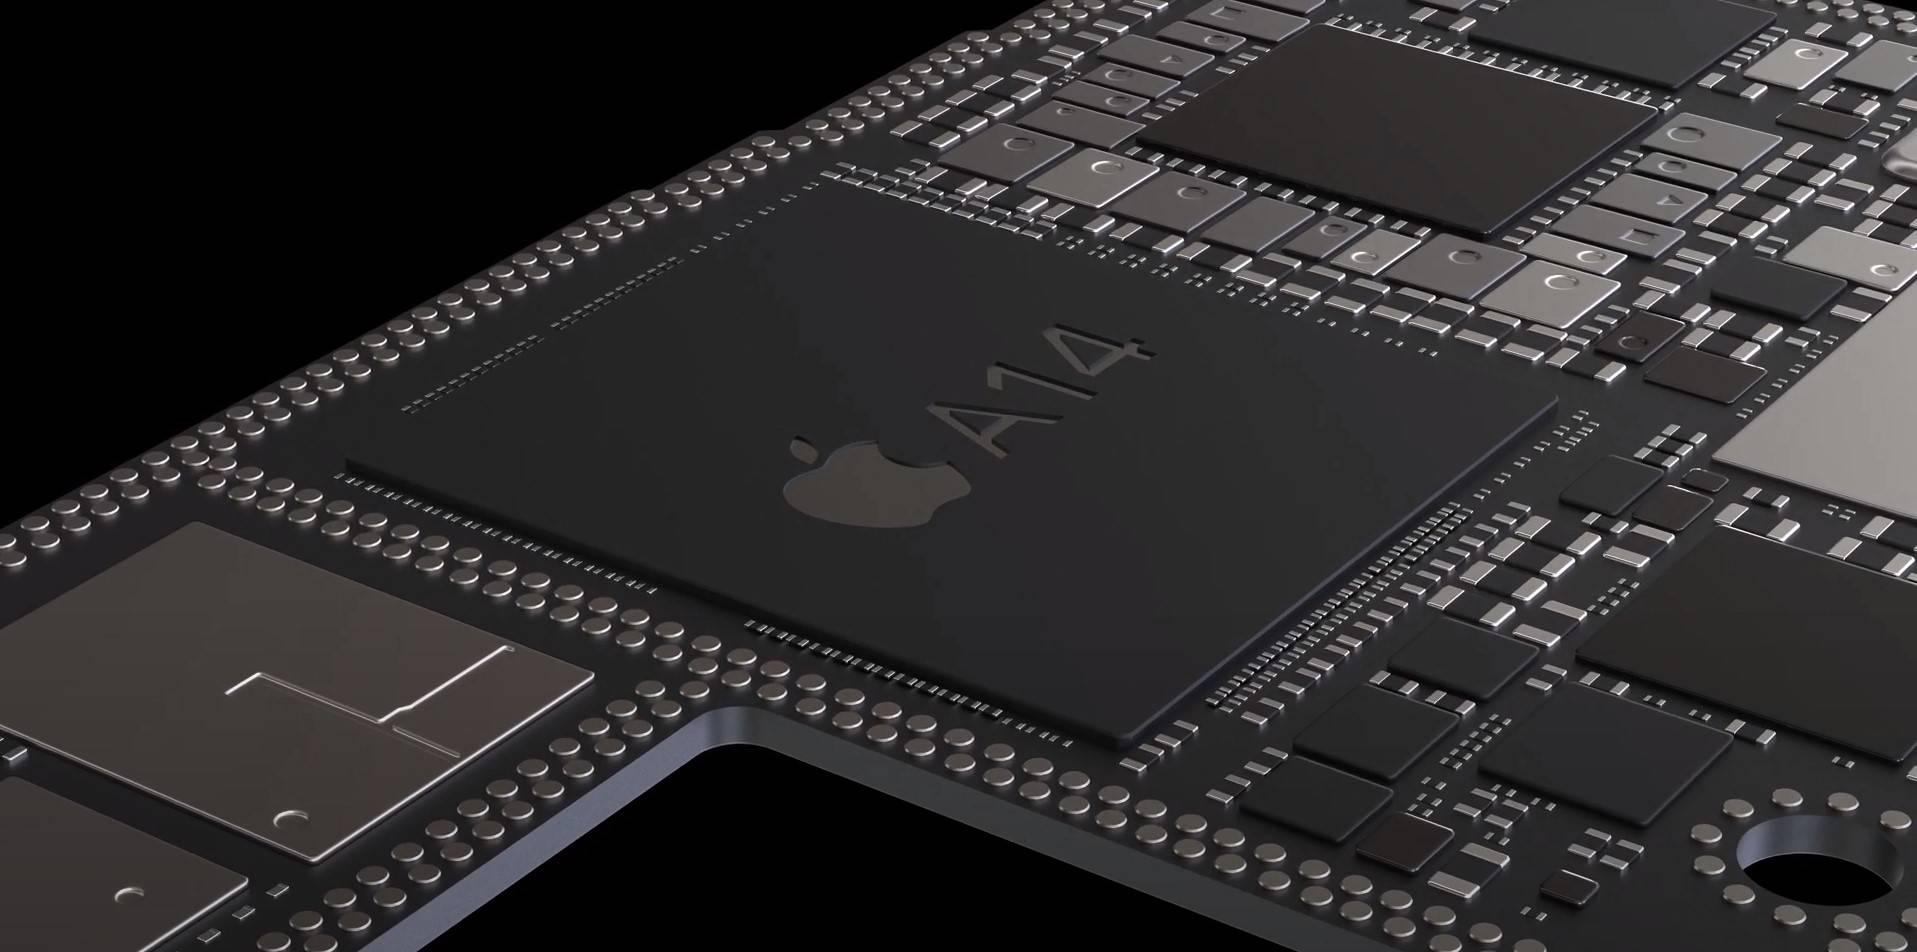 三星正在研发新的芯片组,以击败苹果A14 Bionic的性能